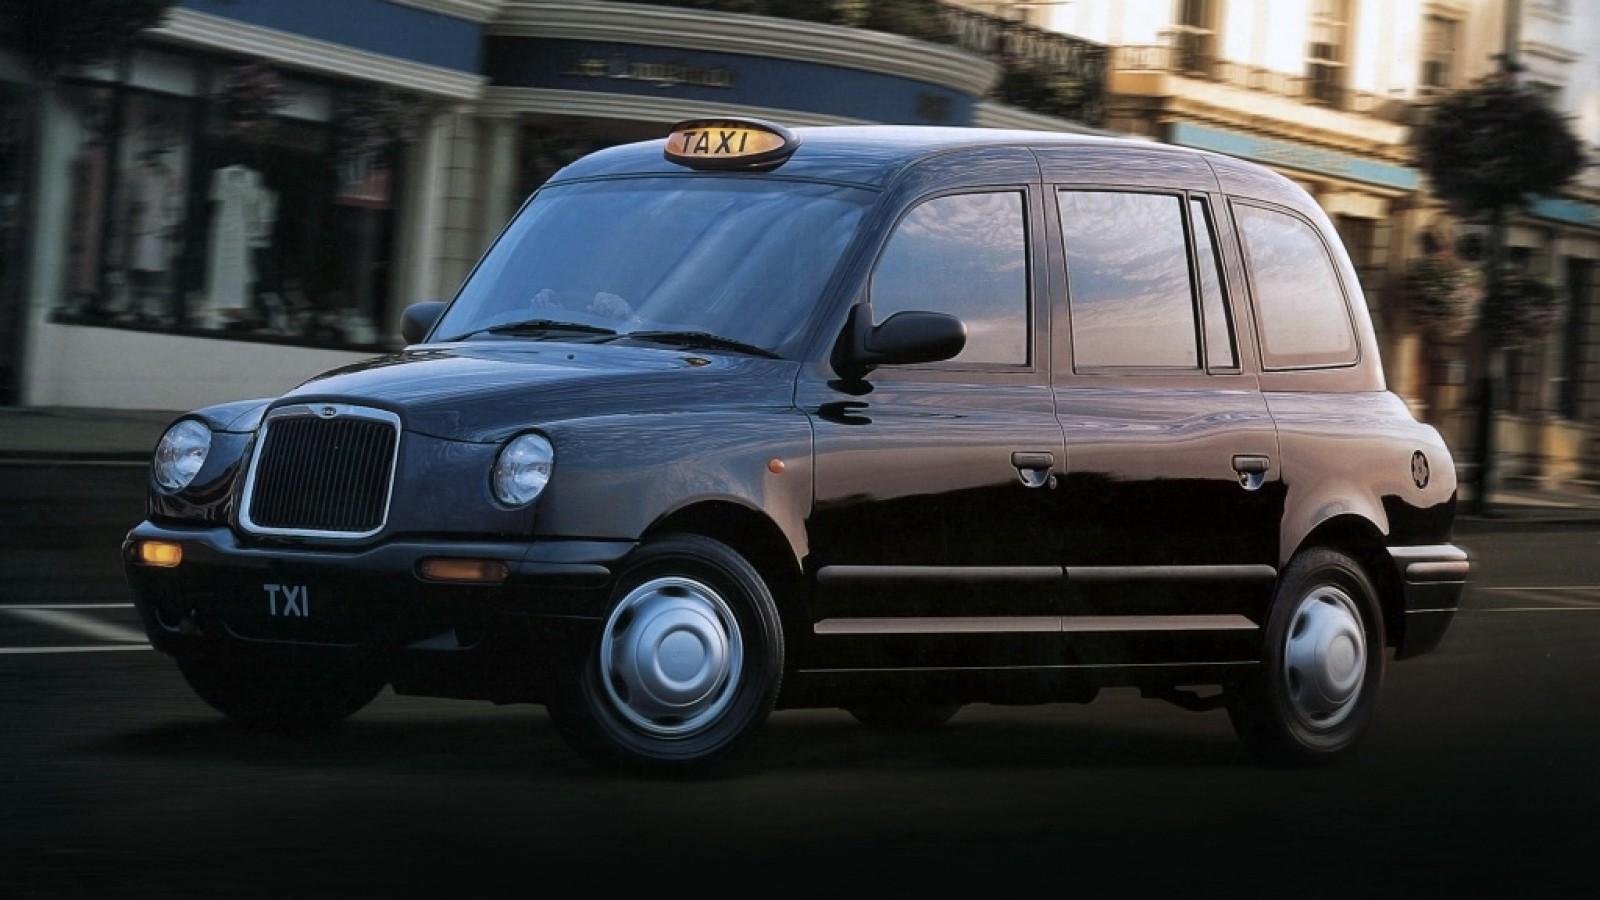 (foto) Apariţie neobişnuită pe o stradă din Chişinău – un taximetru londonez